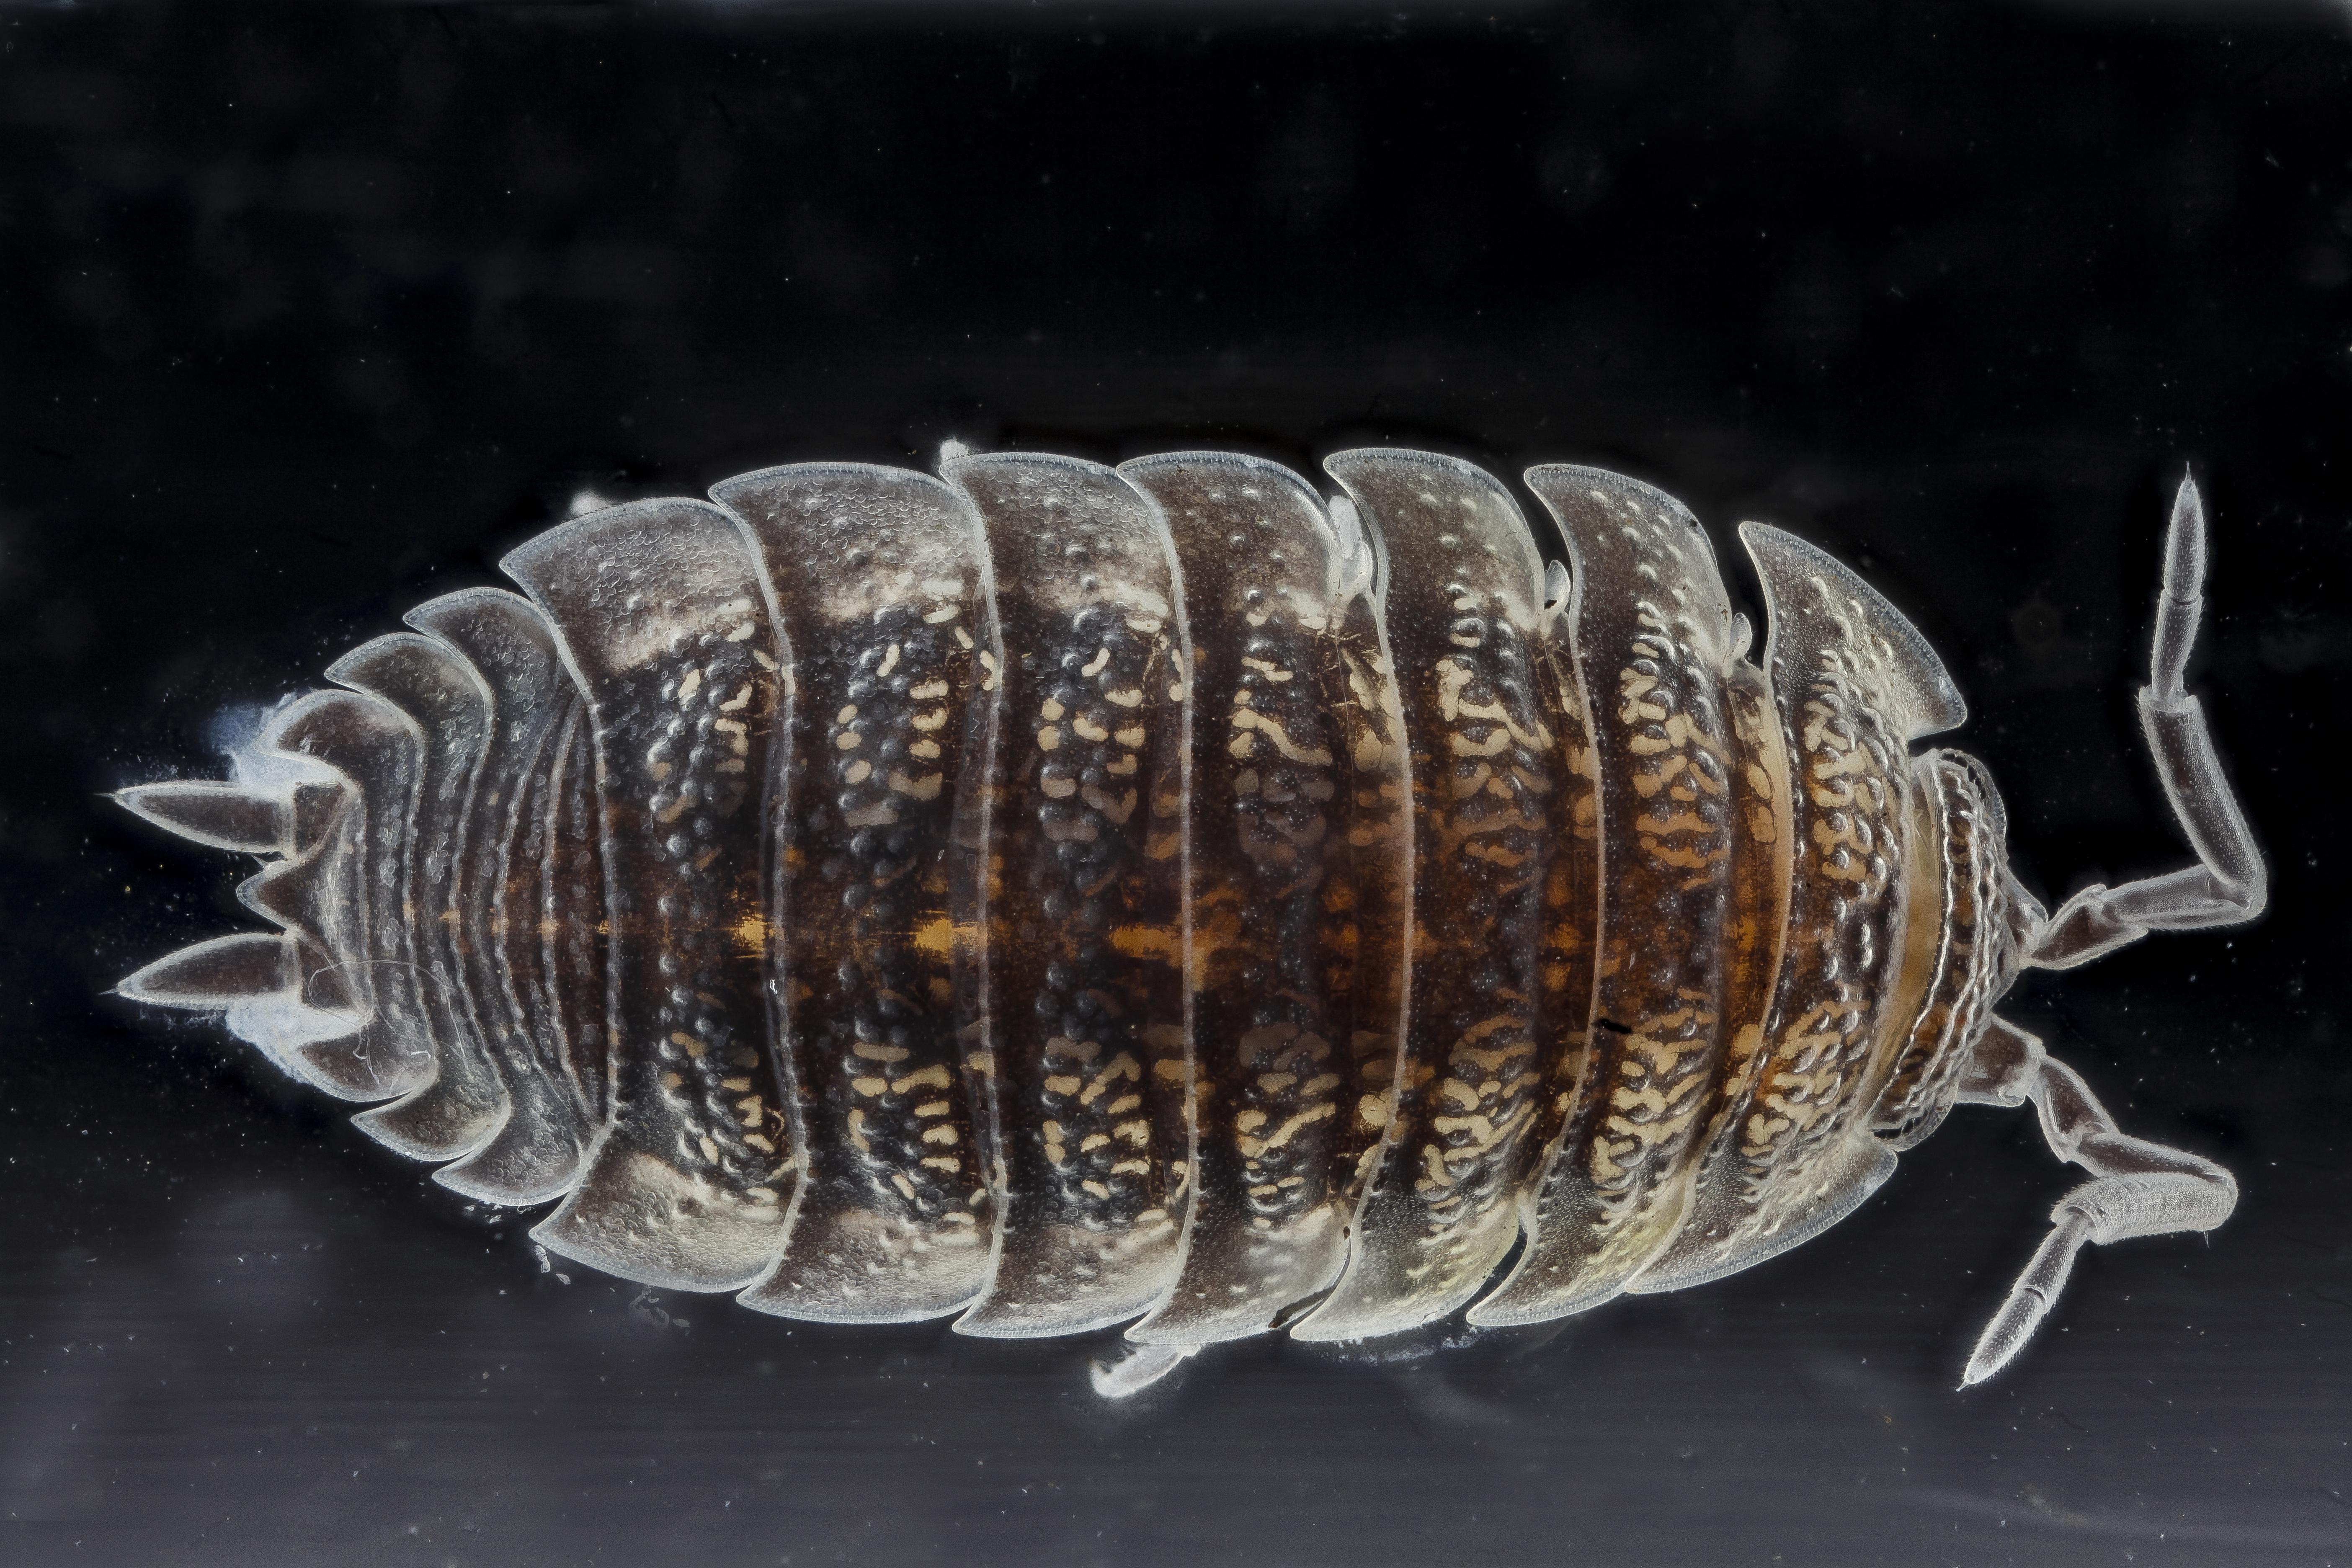 Image of Isopod